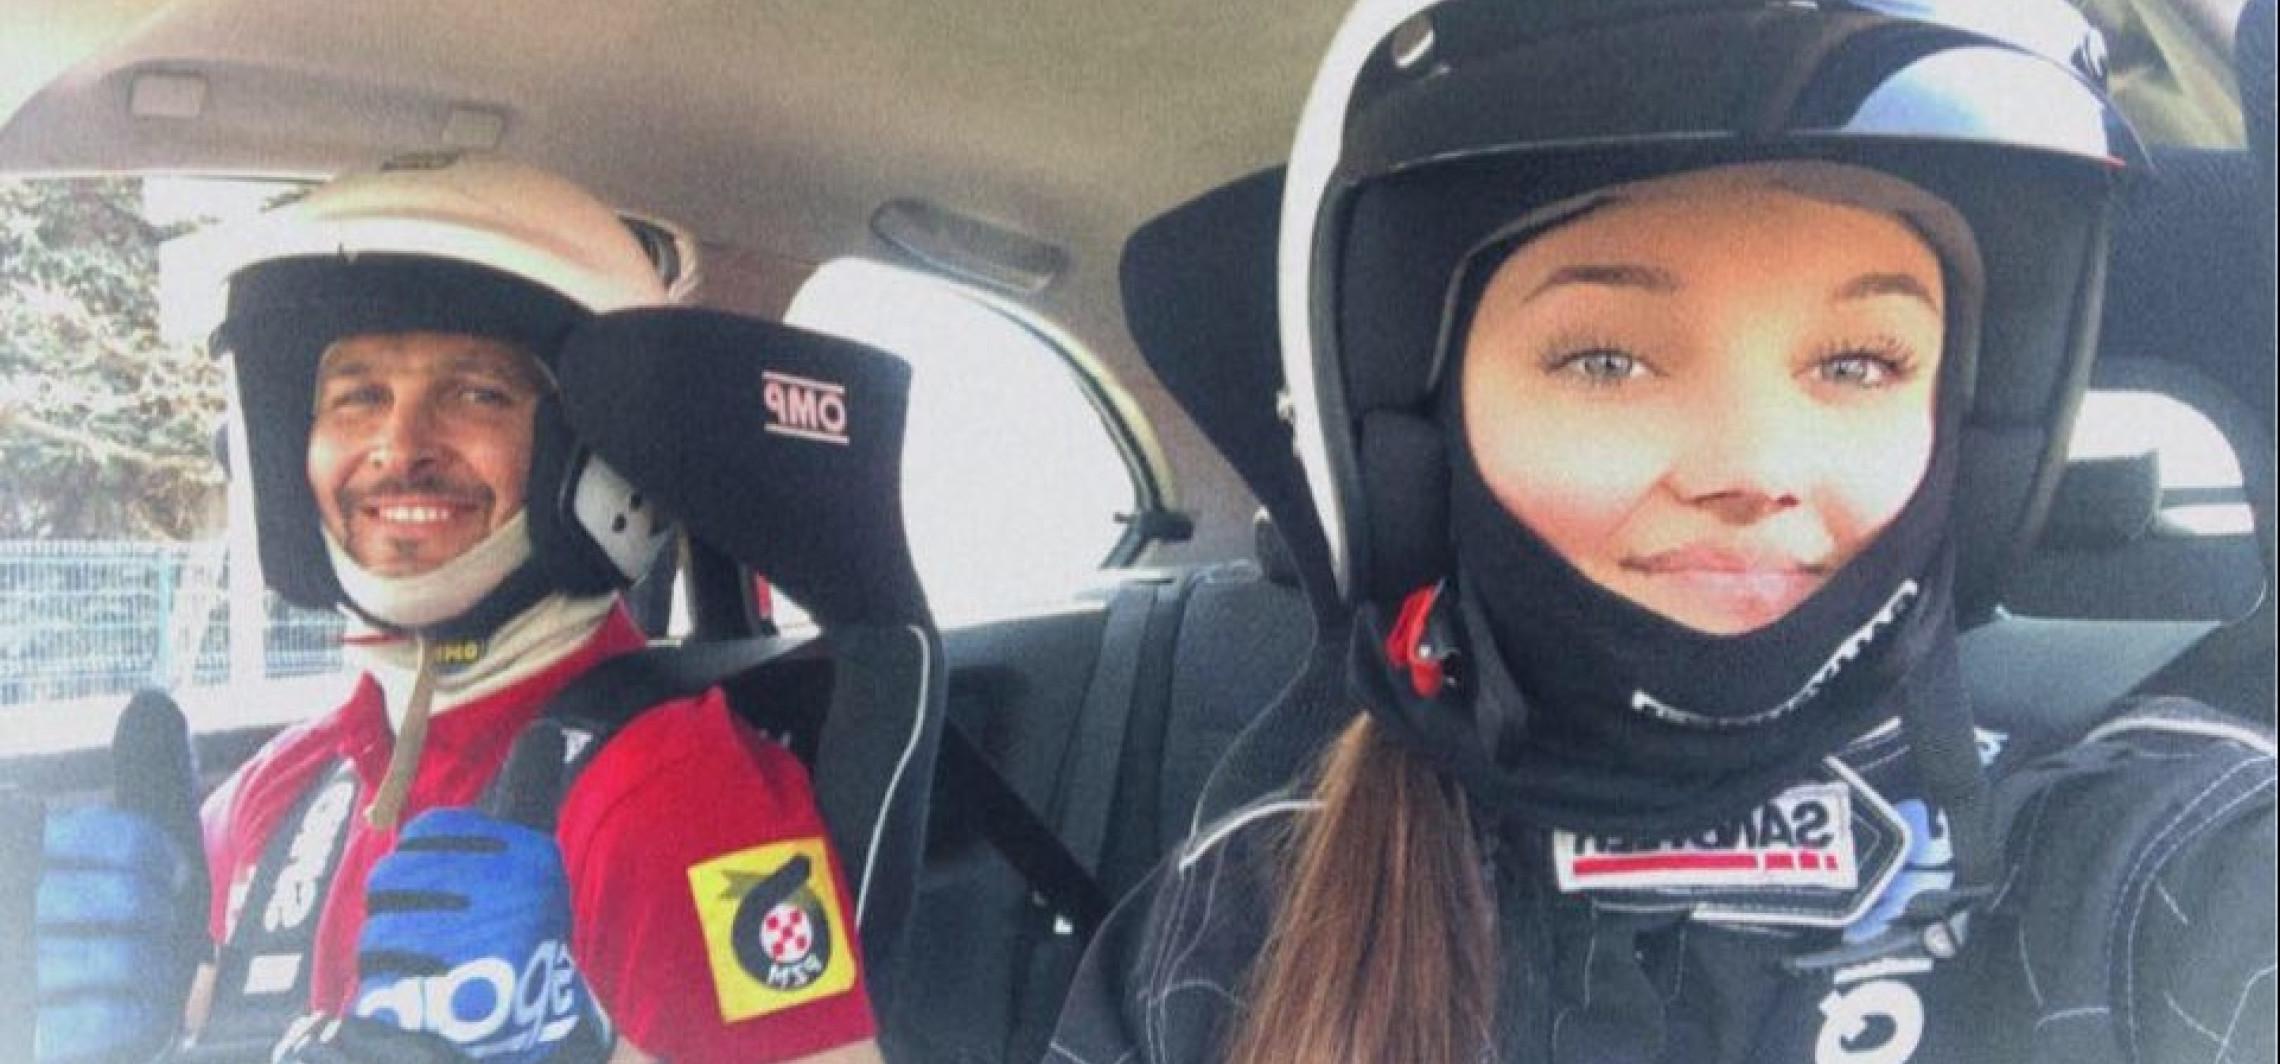 Udany początek sezonu zawodników Automobilklubu